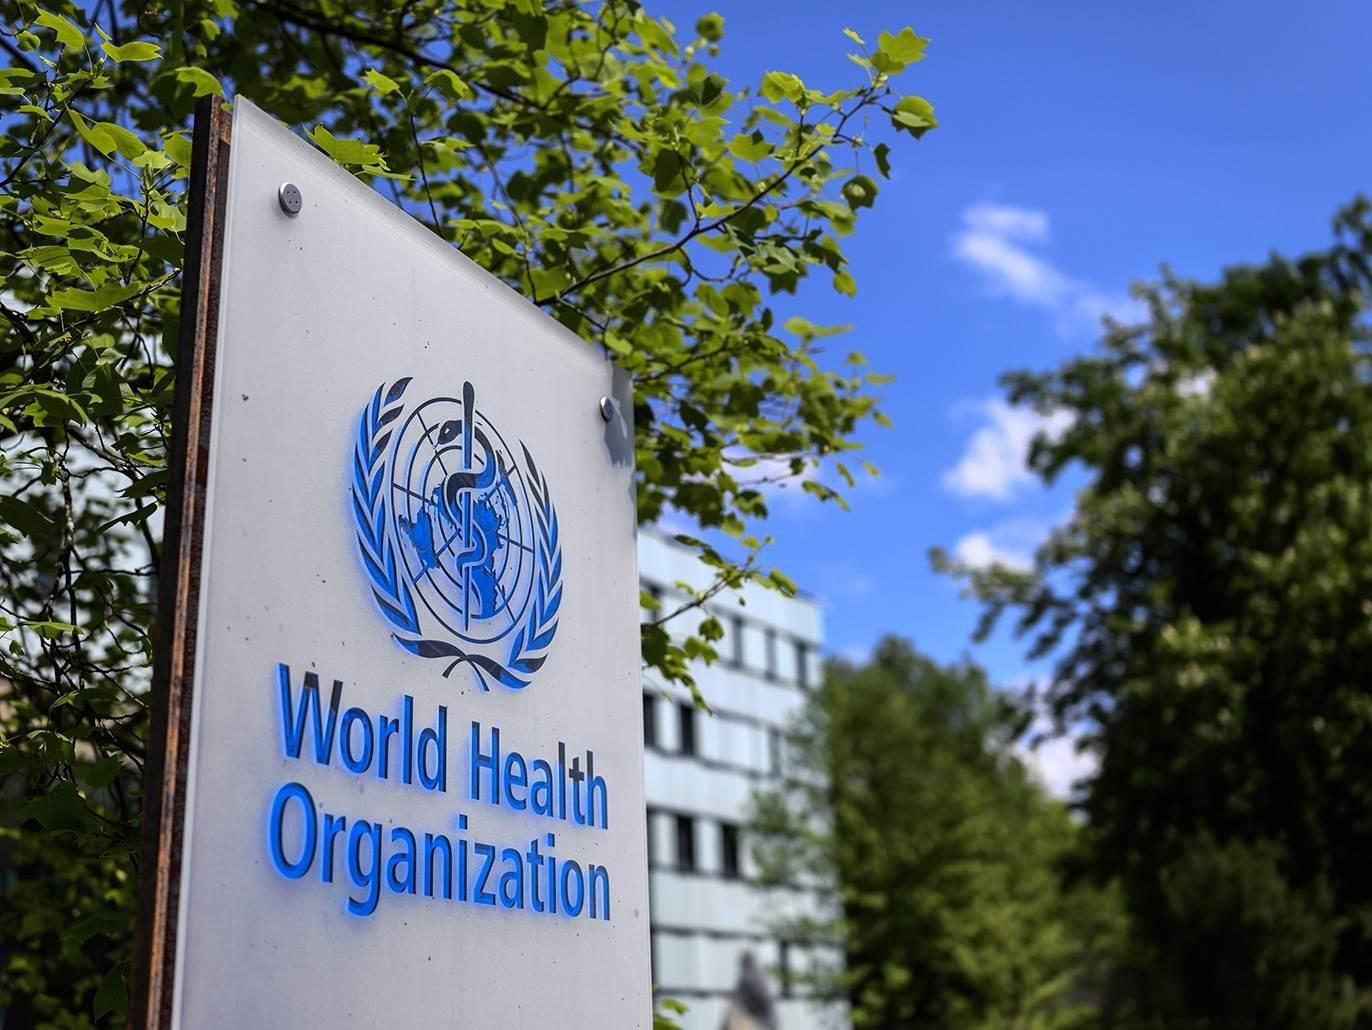 دعا المدير العام لمنظمة الصحة العالمية إلى مواصلة مكافحة وباء